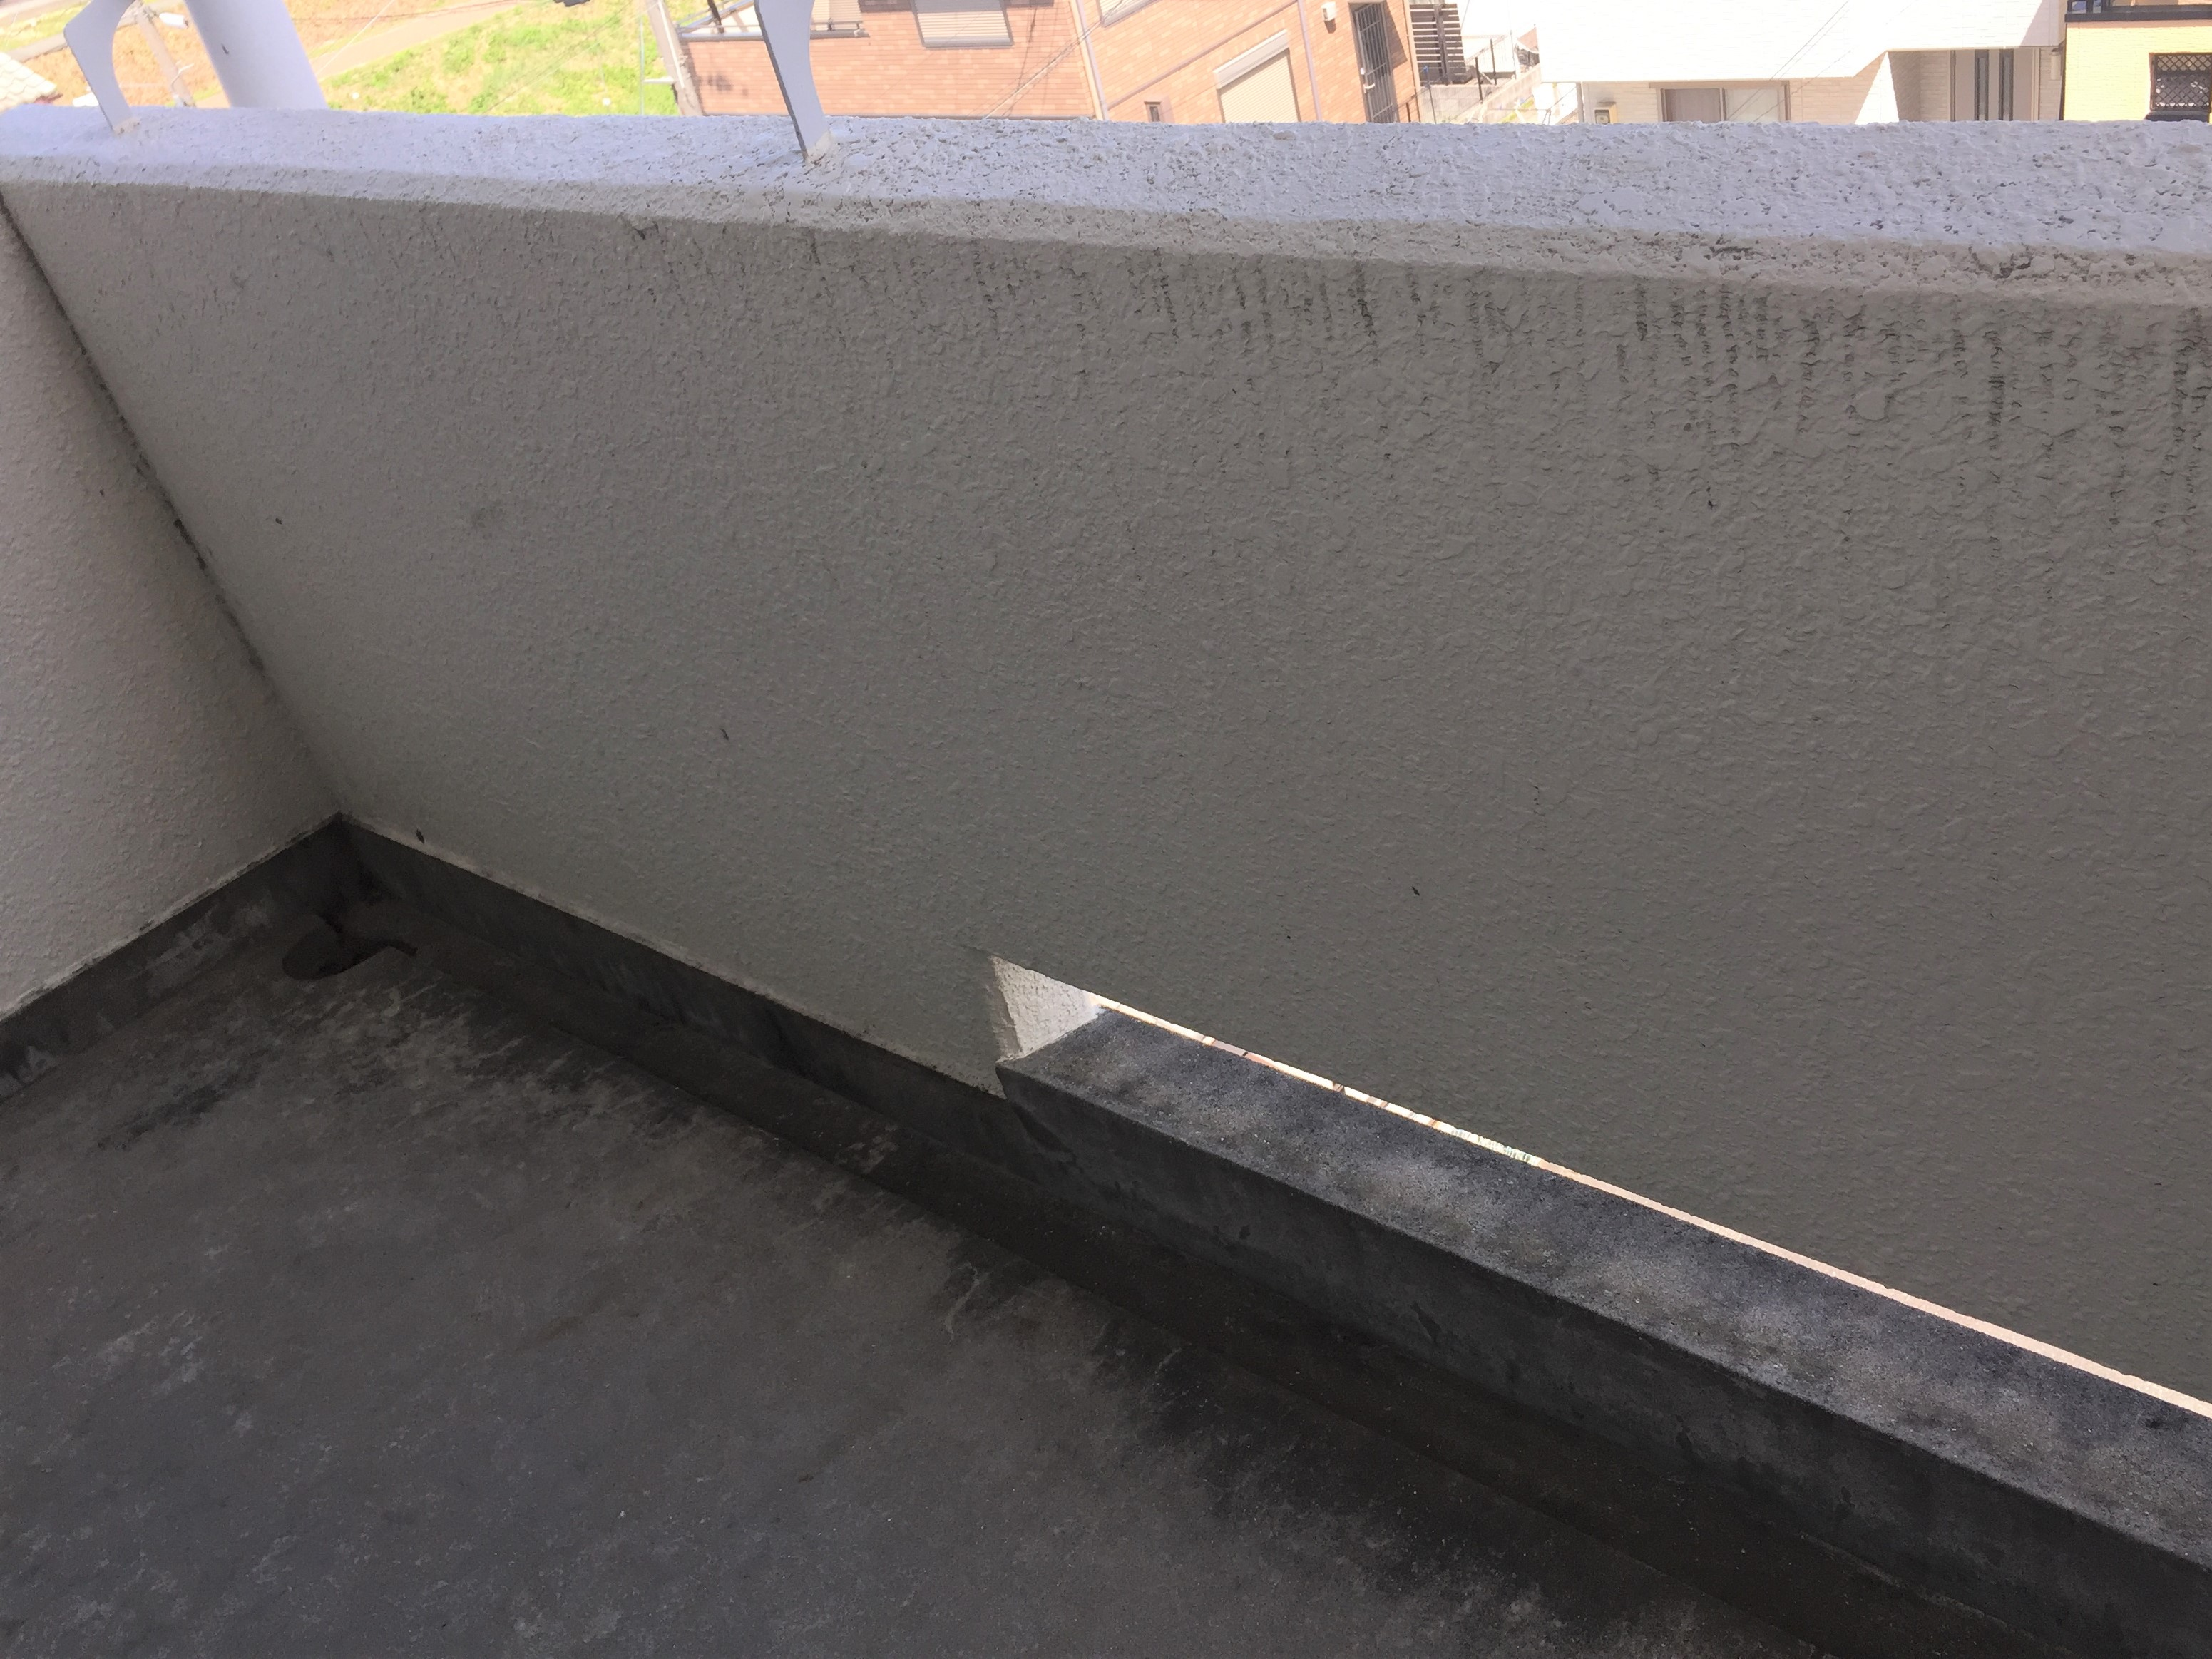 共用部の廊下の壁 伊丹市 ハウスクリーニング/頑固な汚れを除去/当店のチラシ完成いたしました。